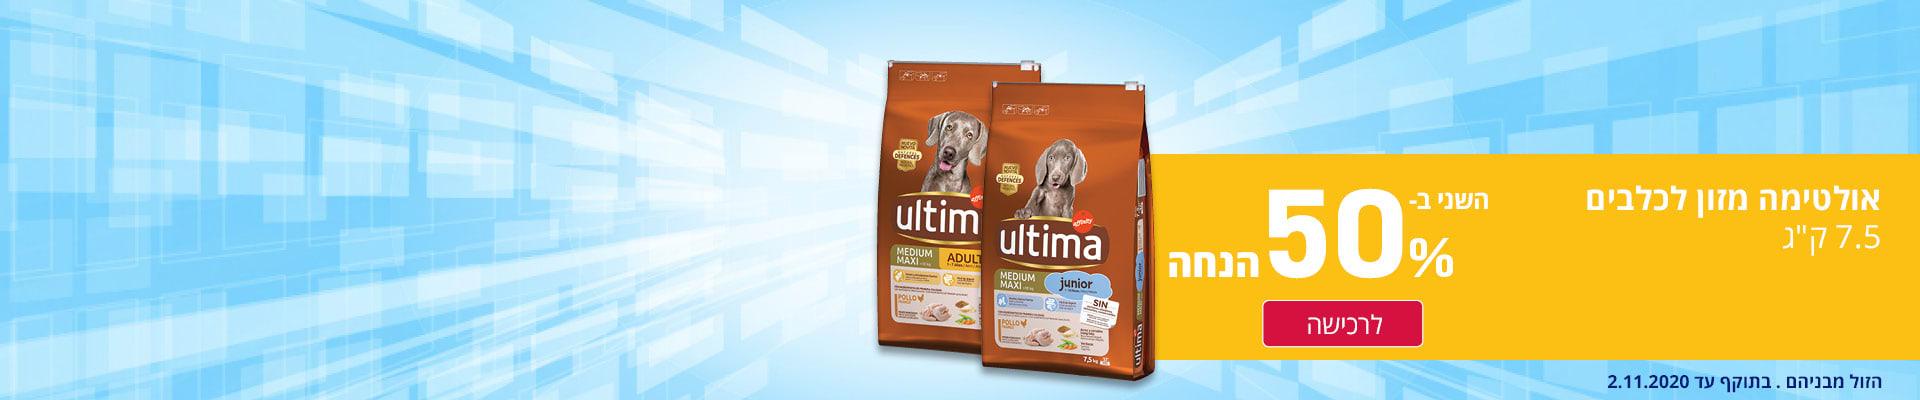 """אולטימה מזון לכלבים 7.5 ק""""ג השני ב- 50% הנחה. הזול מבניהם . בתוקף עד 2.11.2020"""